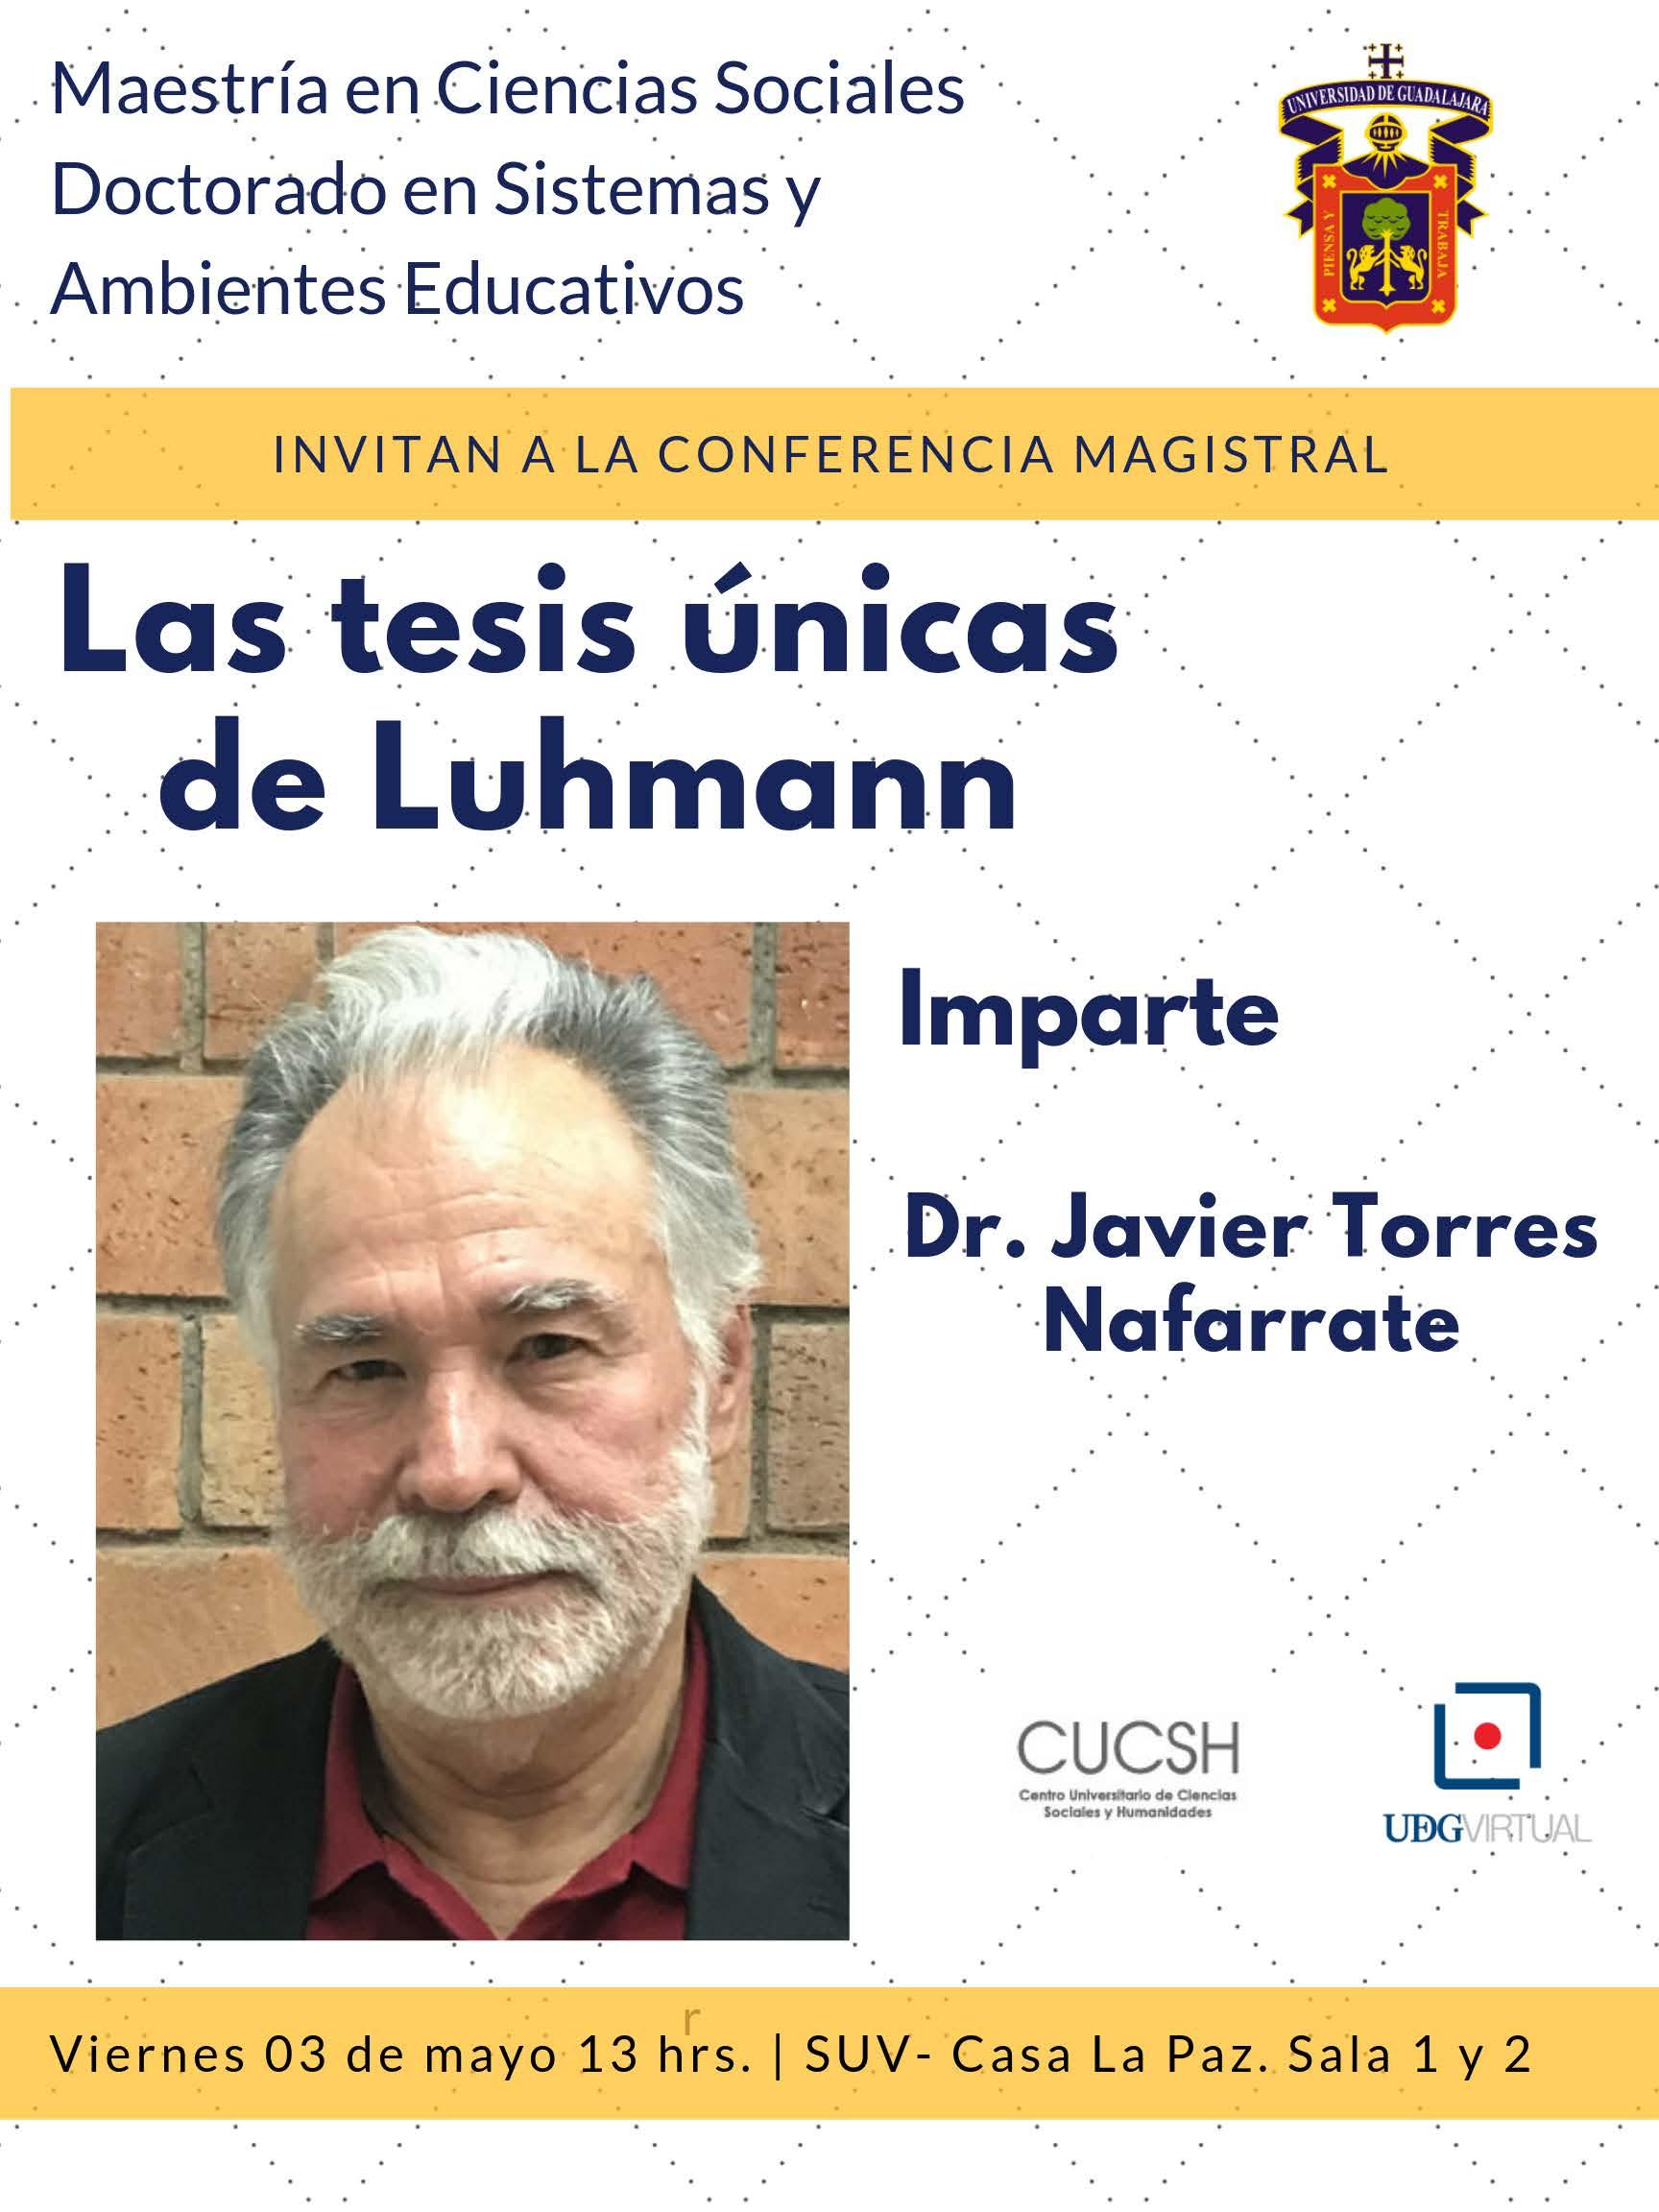 Cartel informativo de la conferencia magistral: Las tesis únicas de Luhmann. Imparte: Doctor Javier Torres Nafarrete. A desarrollarse el 3 de mayo, a las 13:00 horas, en la sala 1 y 2 de Casa La Paz